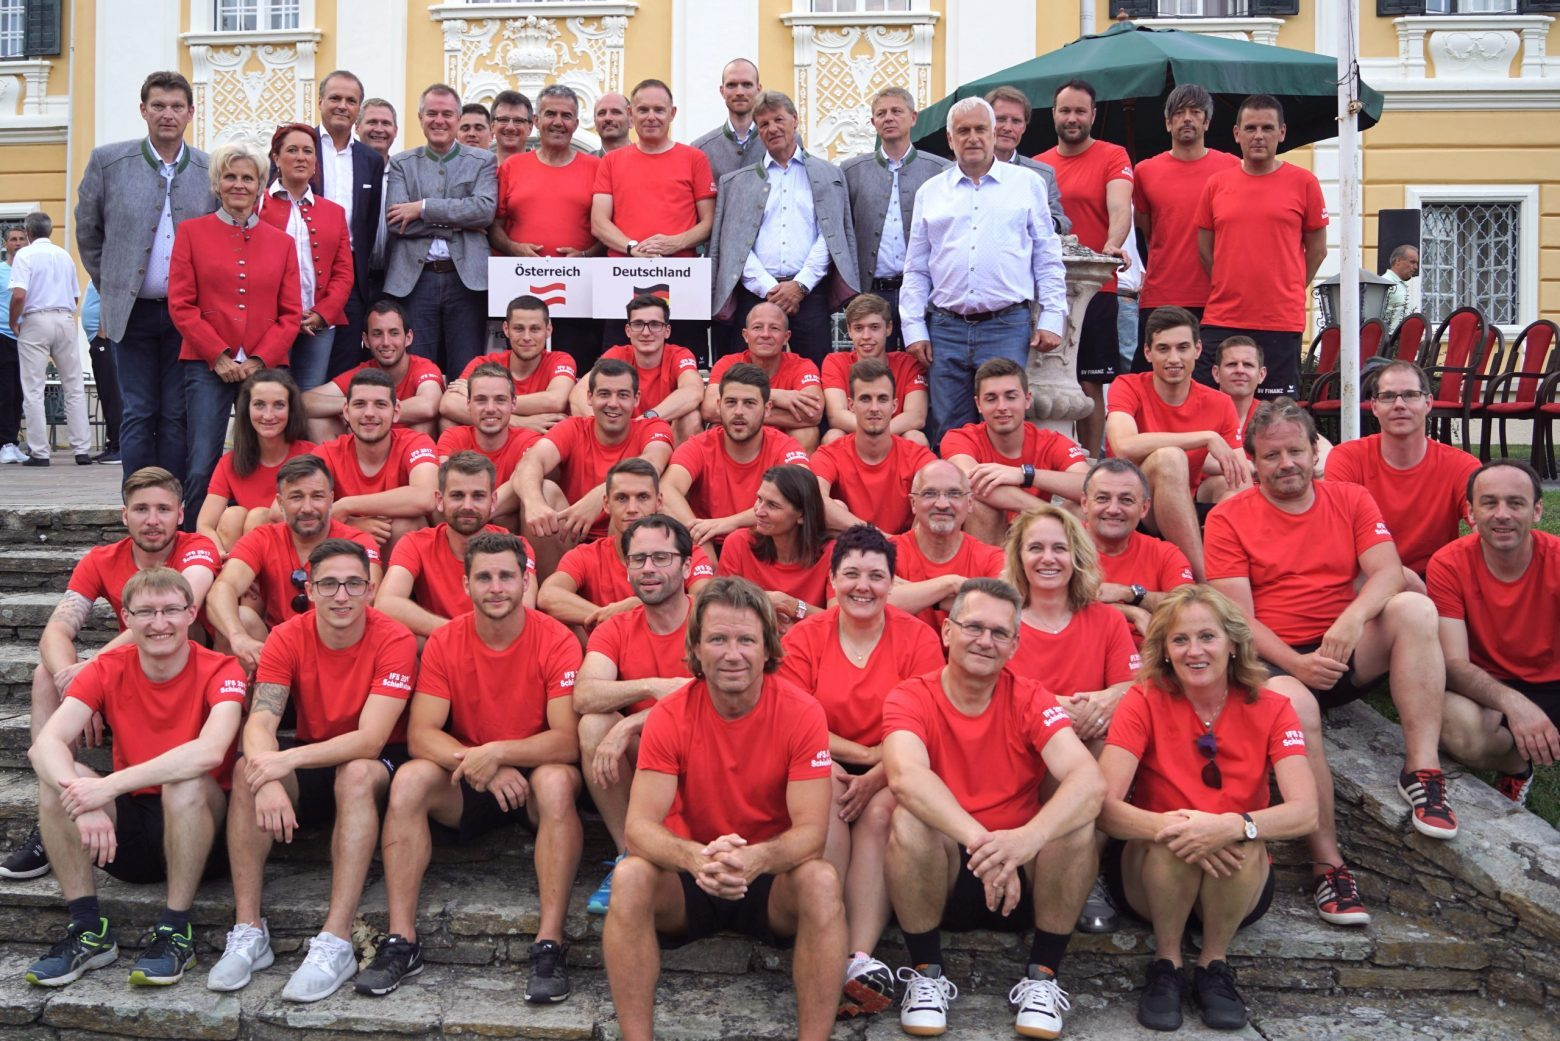 Sportvereinigung Finanz: Österreich (2017)